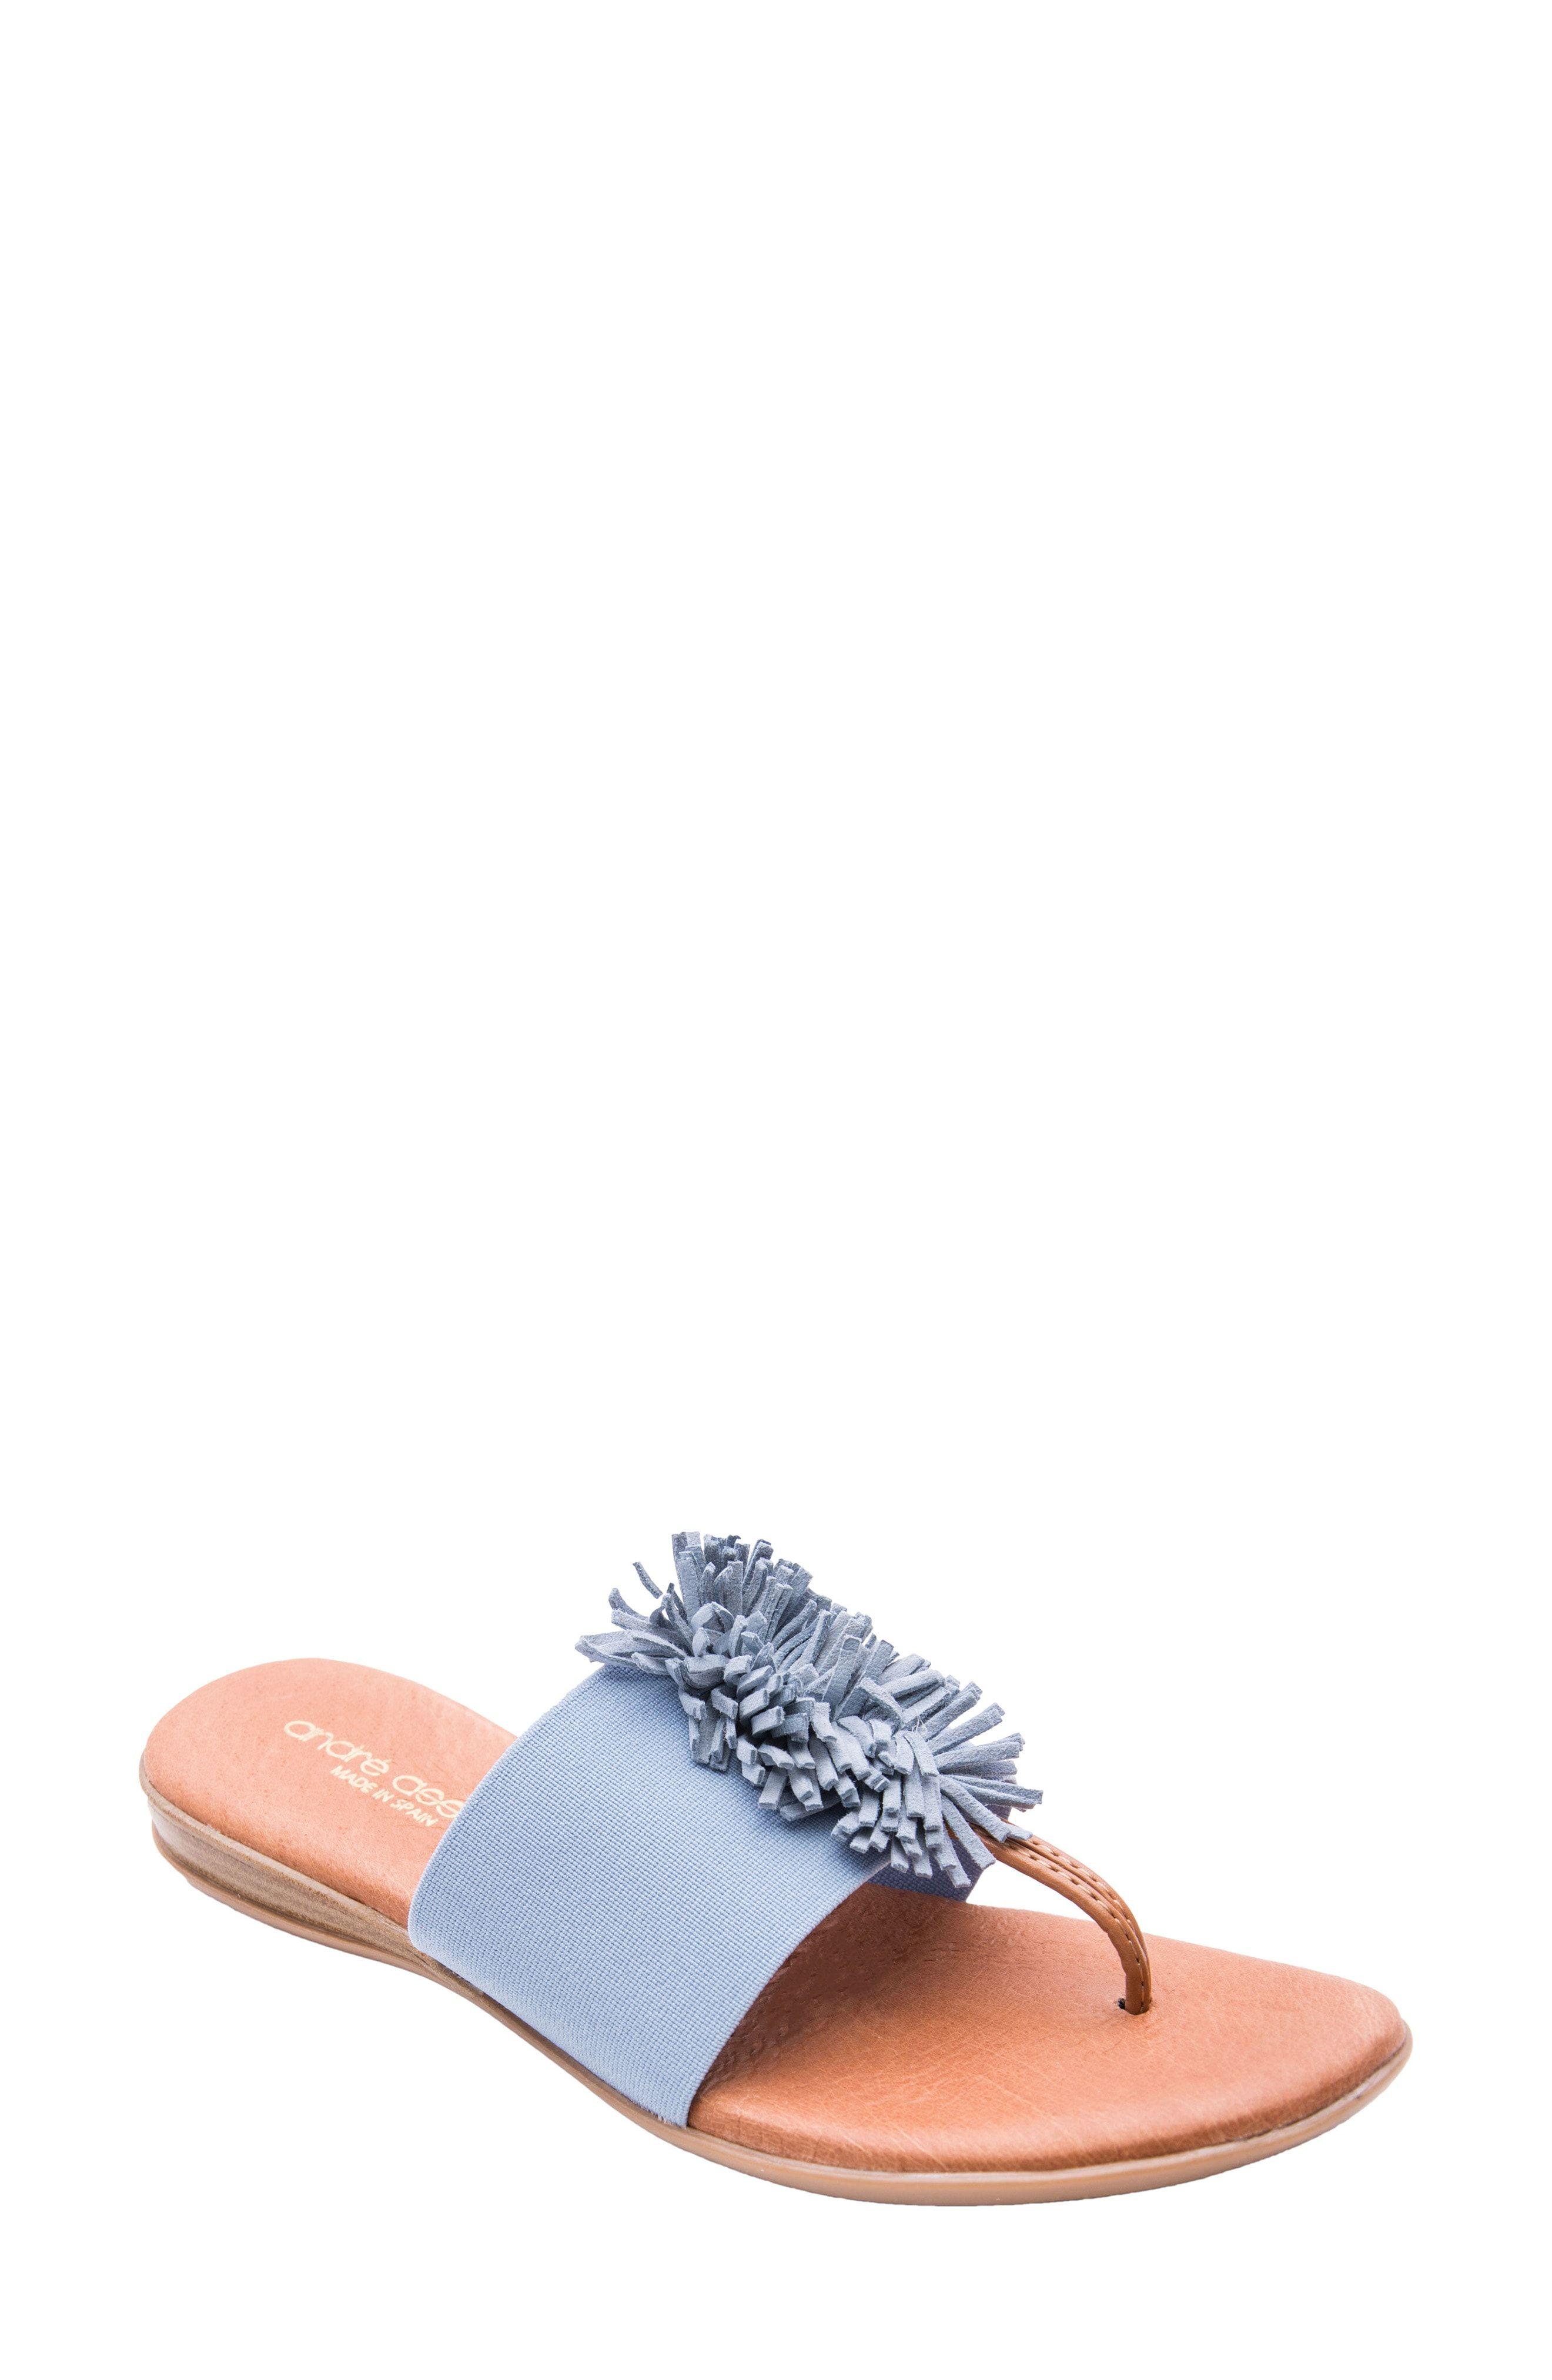 295fbc9ce96ec6 ANDRE ASSOUS NOVALEE SANDAL.  andreassous  shoes